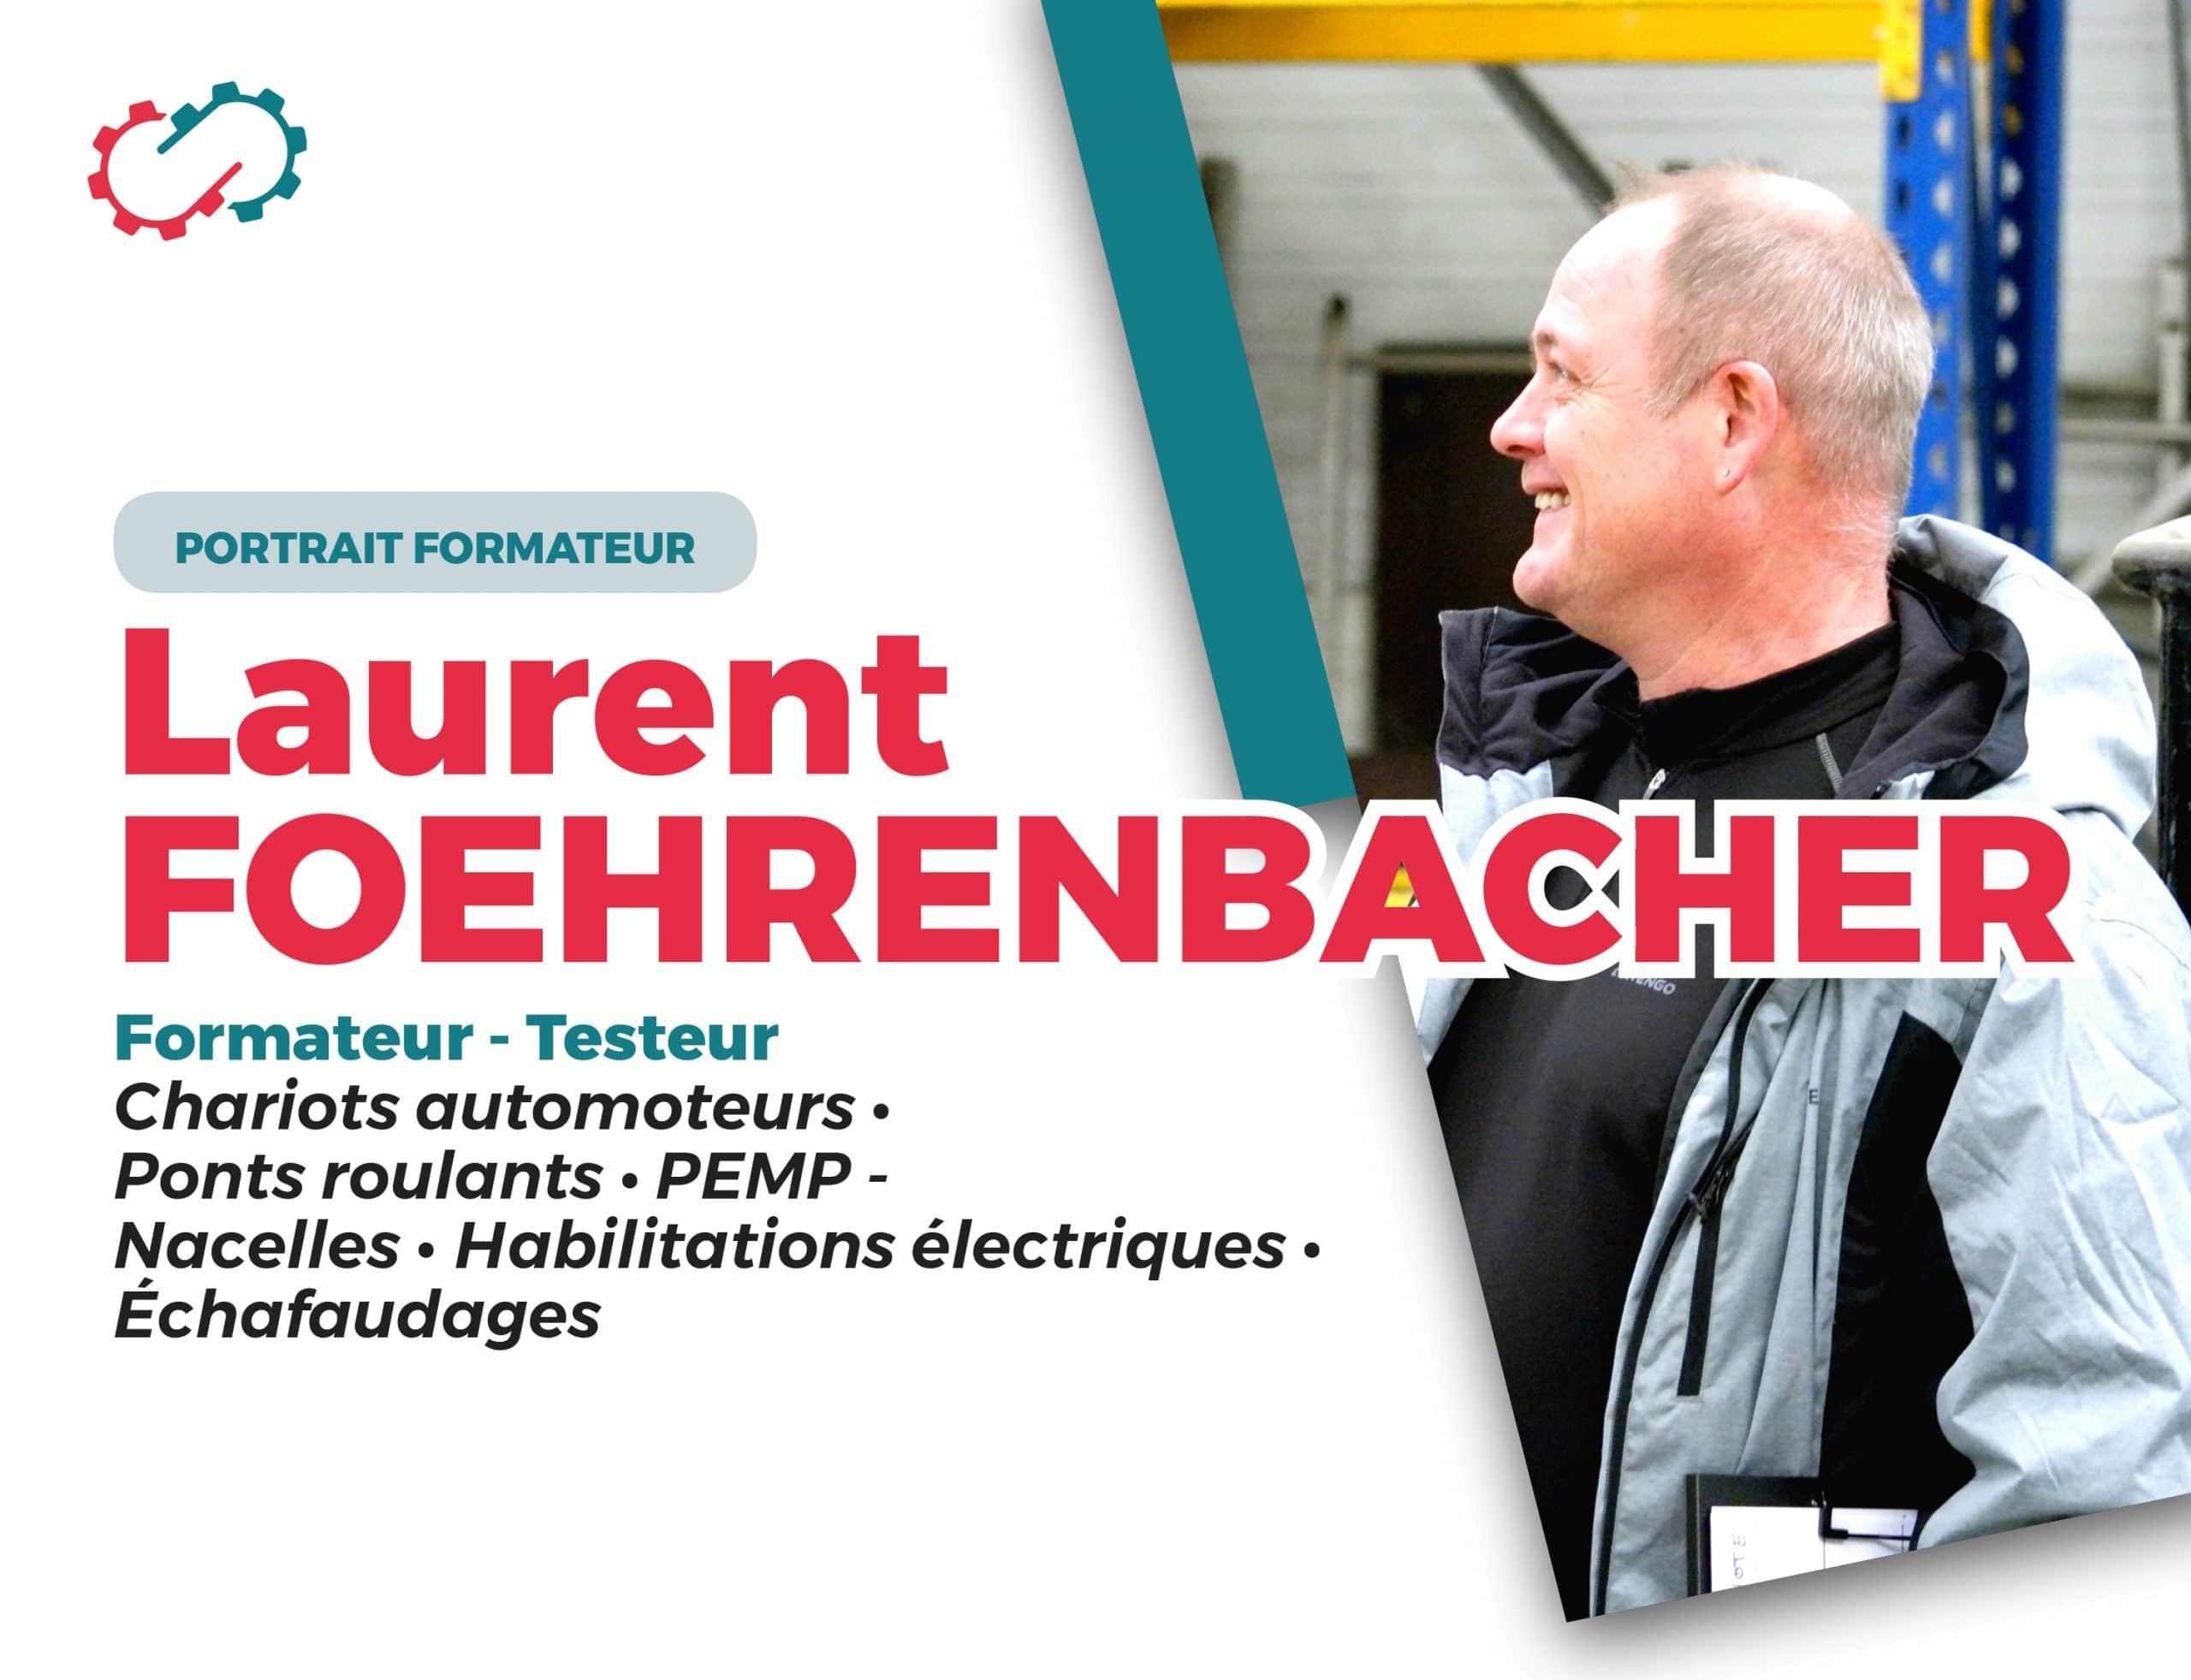 Portrait formateur testeur Laurent Foehrenbacher